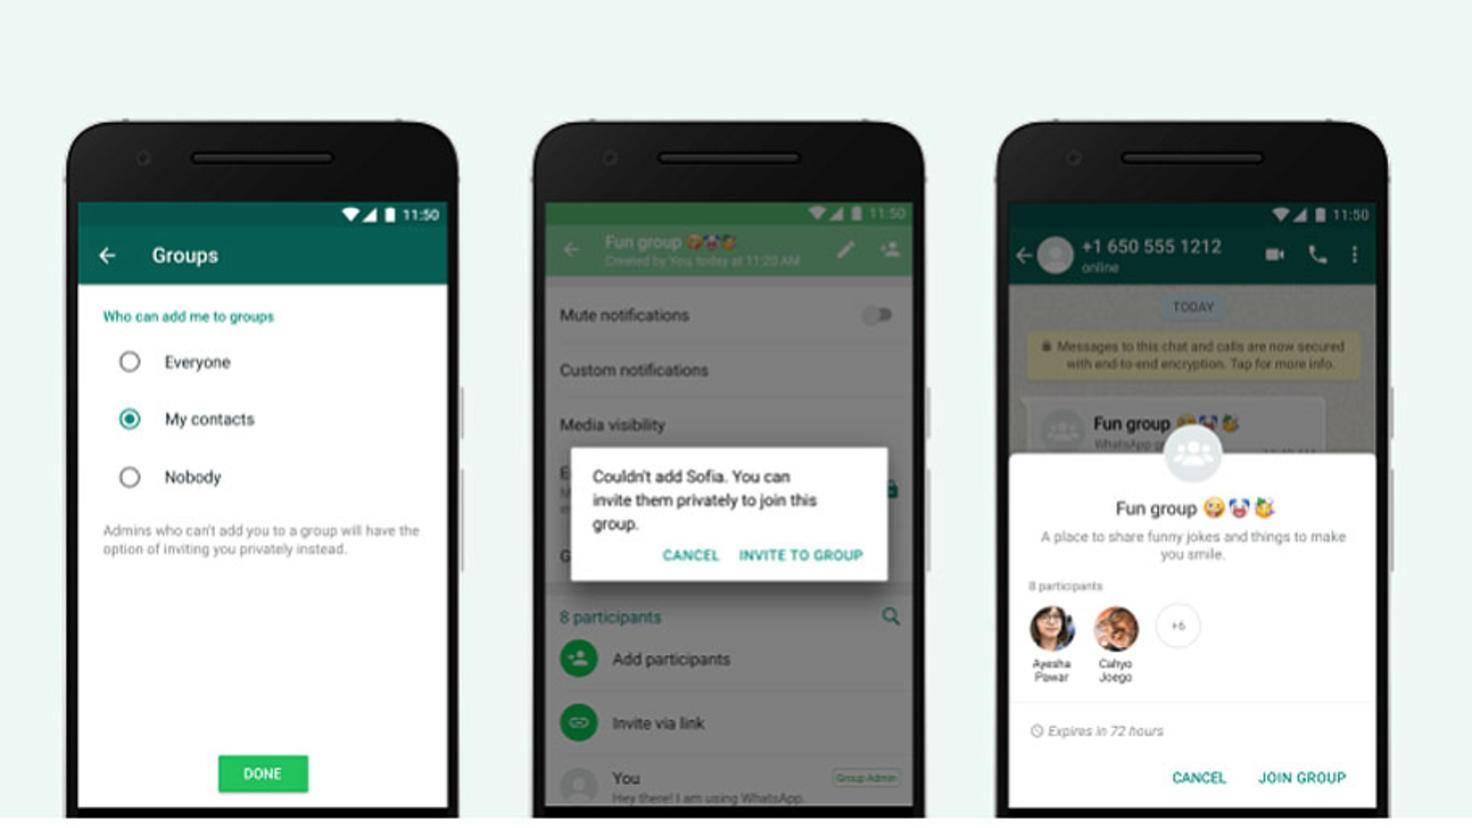 whatsapp-gruppenchat-einlad